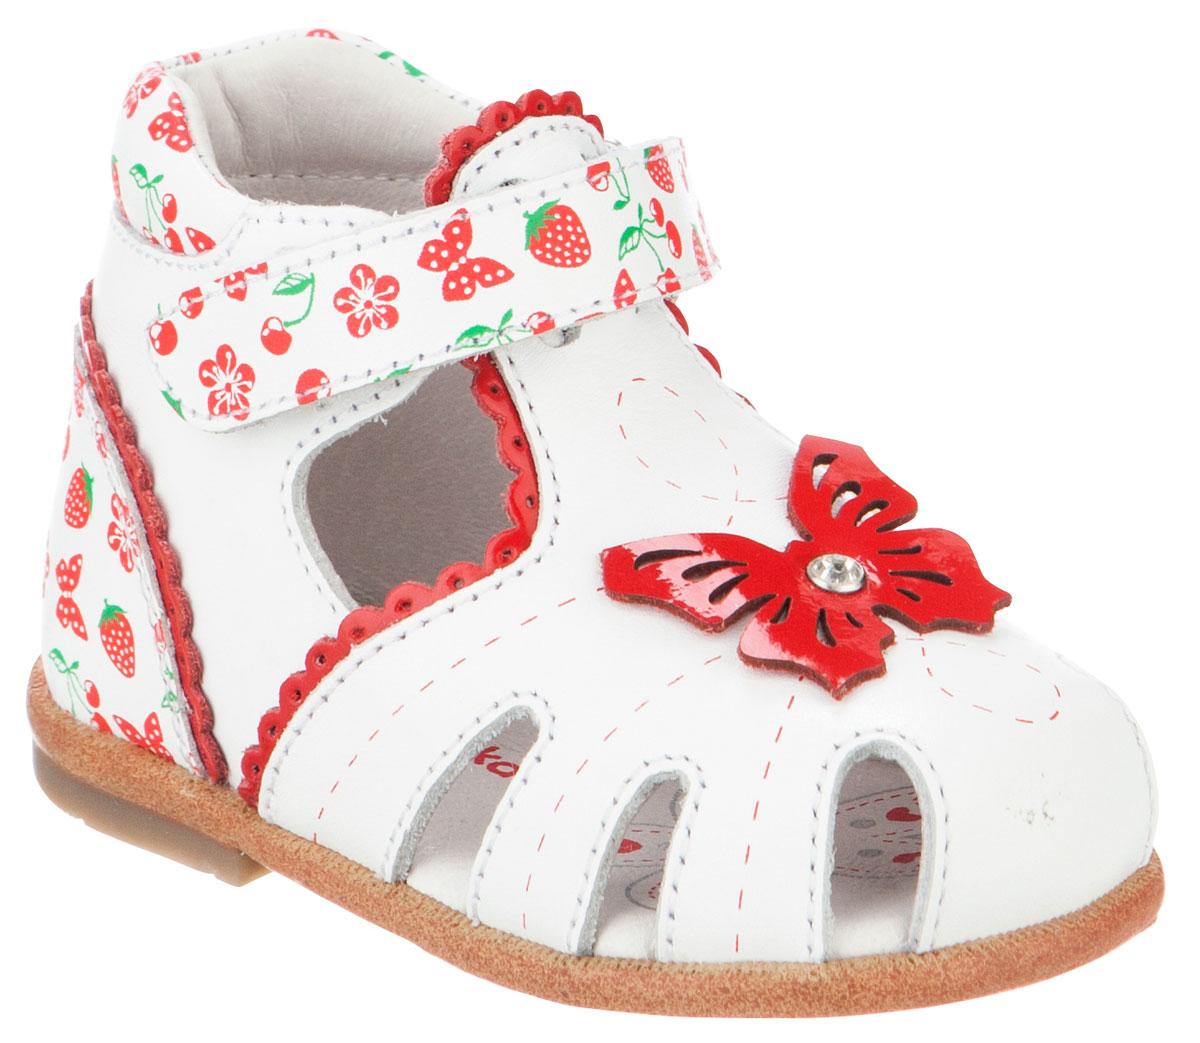 Сандалии для девочки Kapika, цвет: белый, красный. 10115о-1. Размер 1810115о-1Модные сандалии для девочки от Kapika выполнены из натуральной кожи. Ремешок с застежкой-липучкой надежно зафиксирует модель на ноге. Мыс украшен декоративной бабочкой со стразом. Внутренняя поверхность и стелька из натуральной кожи обеспечат комфорт при движении. Подошва дополнена рифлением.